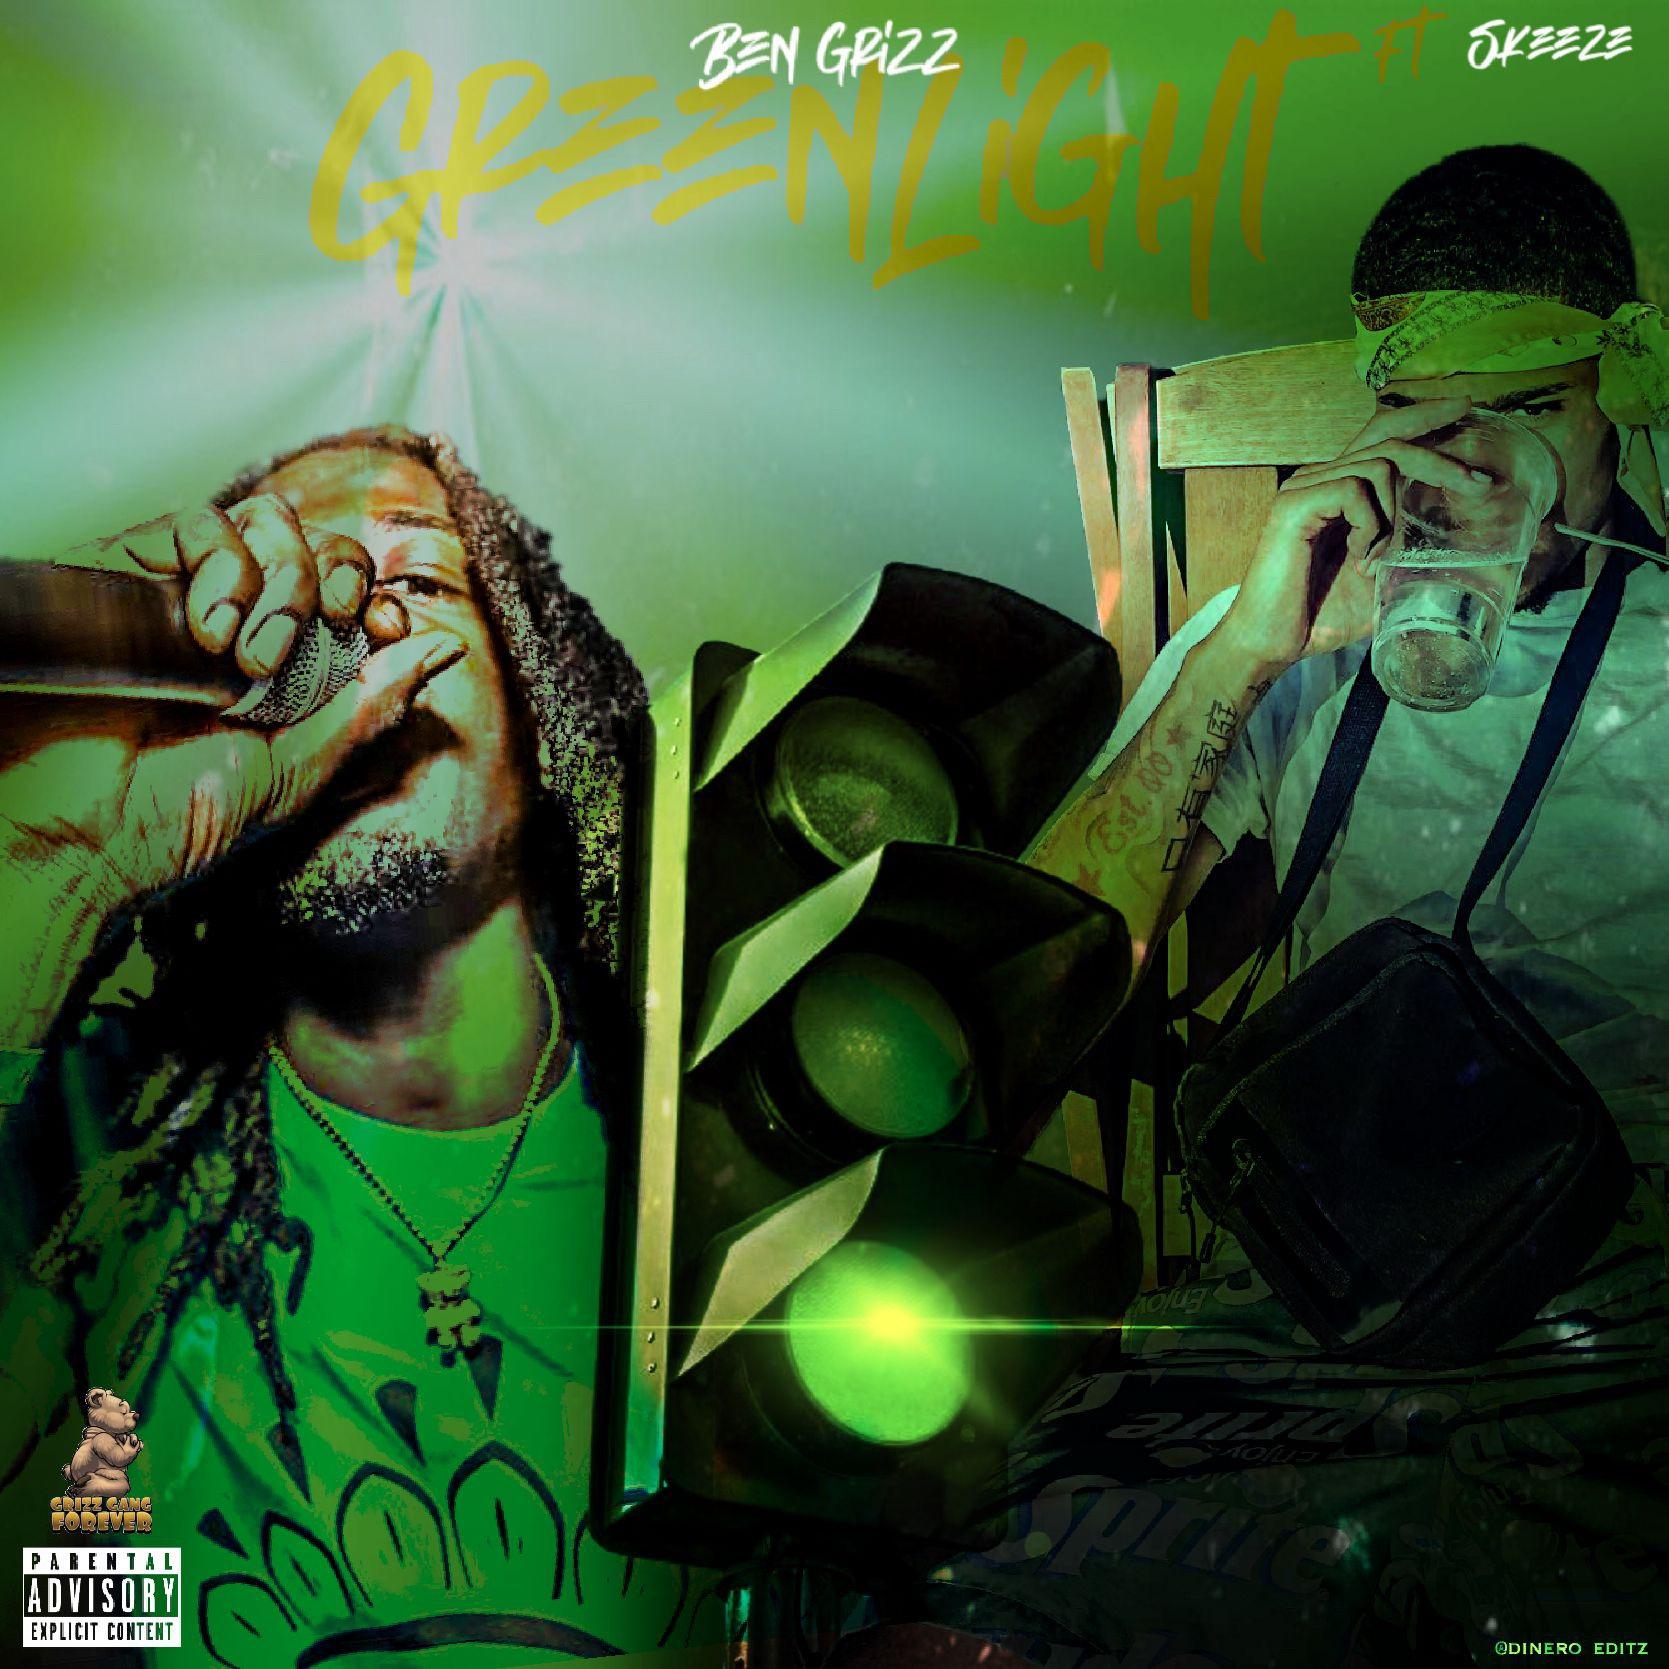 New Music: Ben Grizz Ft Skeeze – Green Light (@bengrizz978)